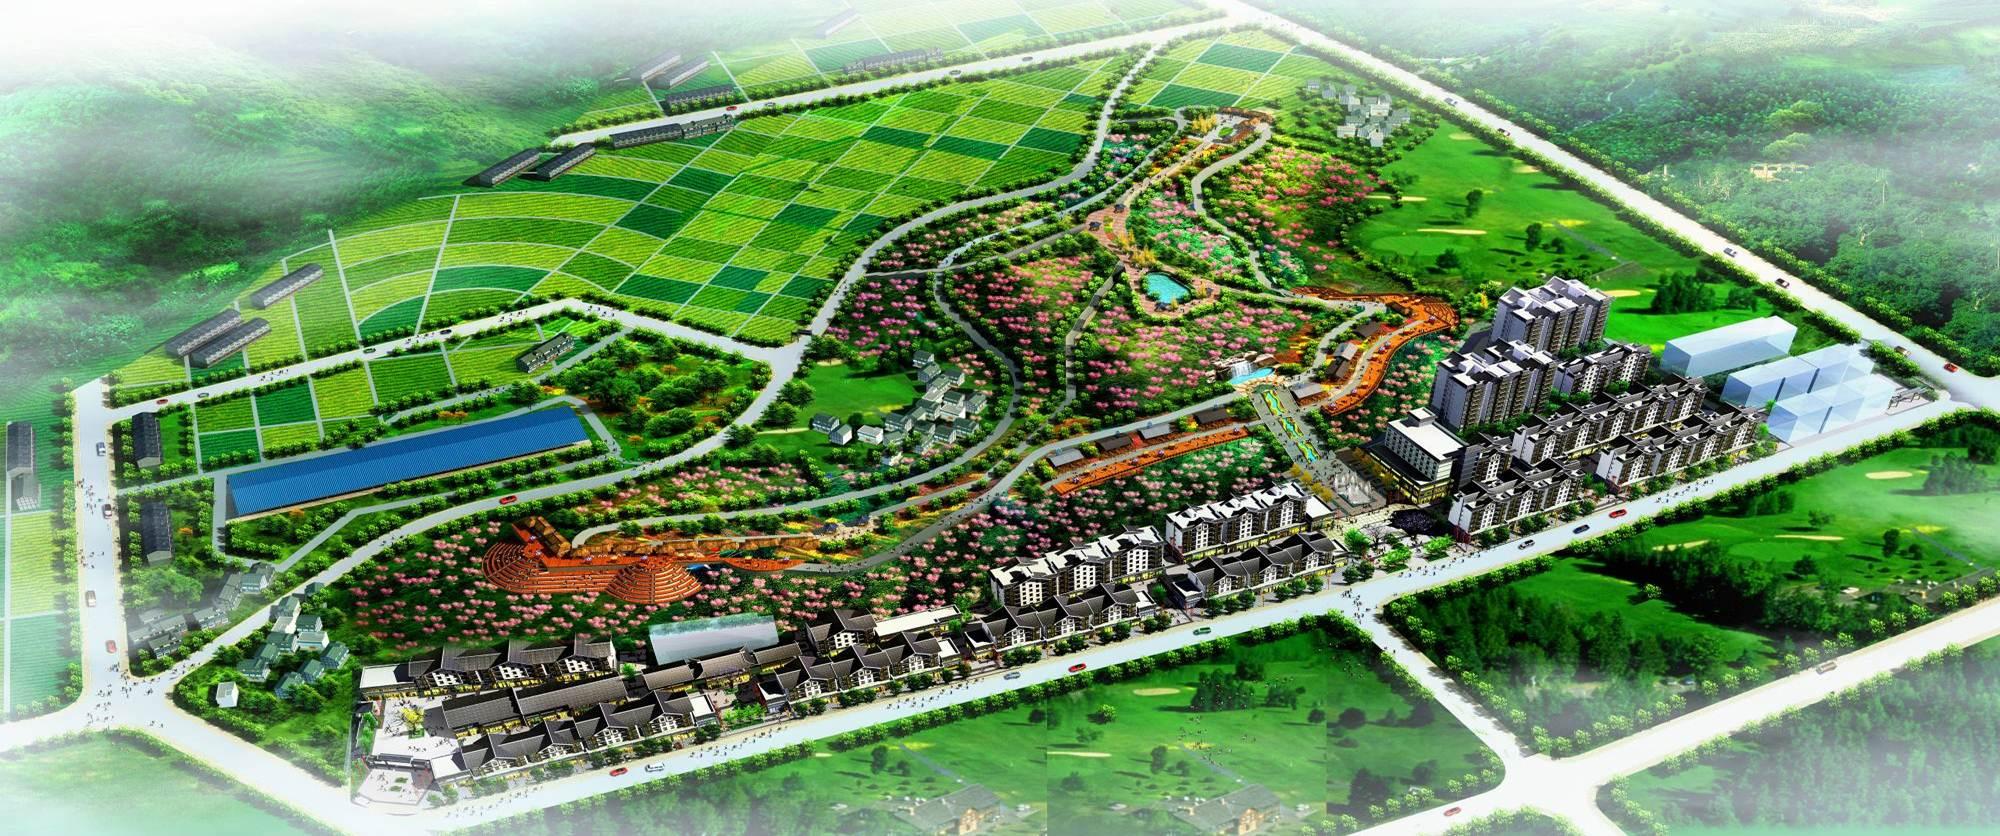 稻田+:助推乡村振兴与田园综合体发展新模式